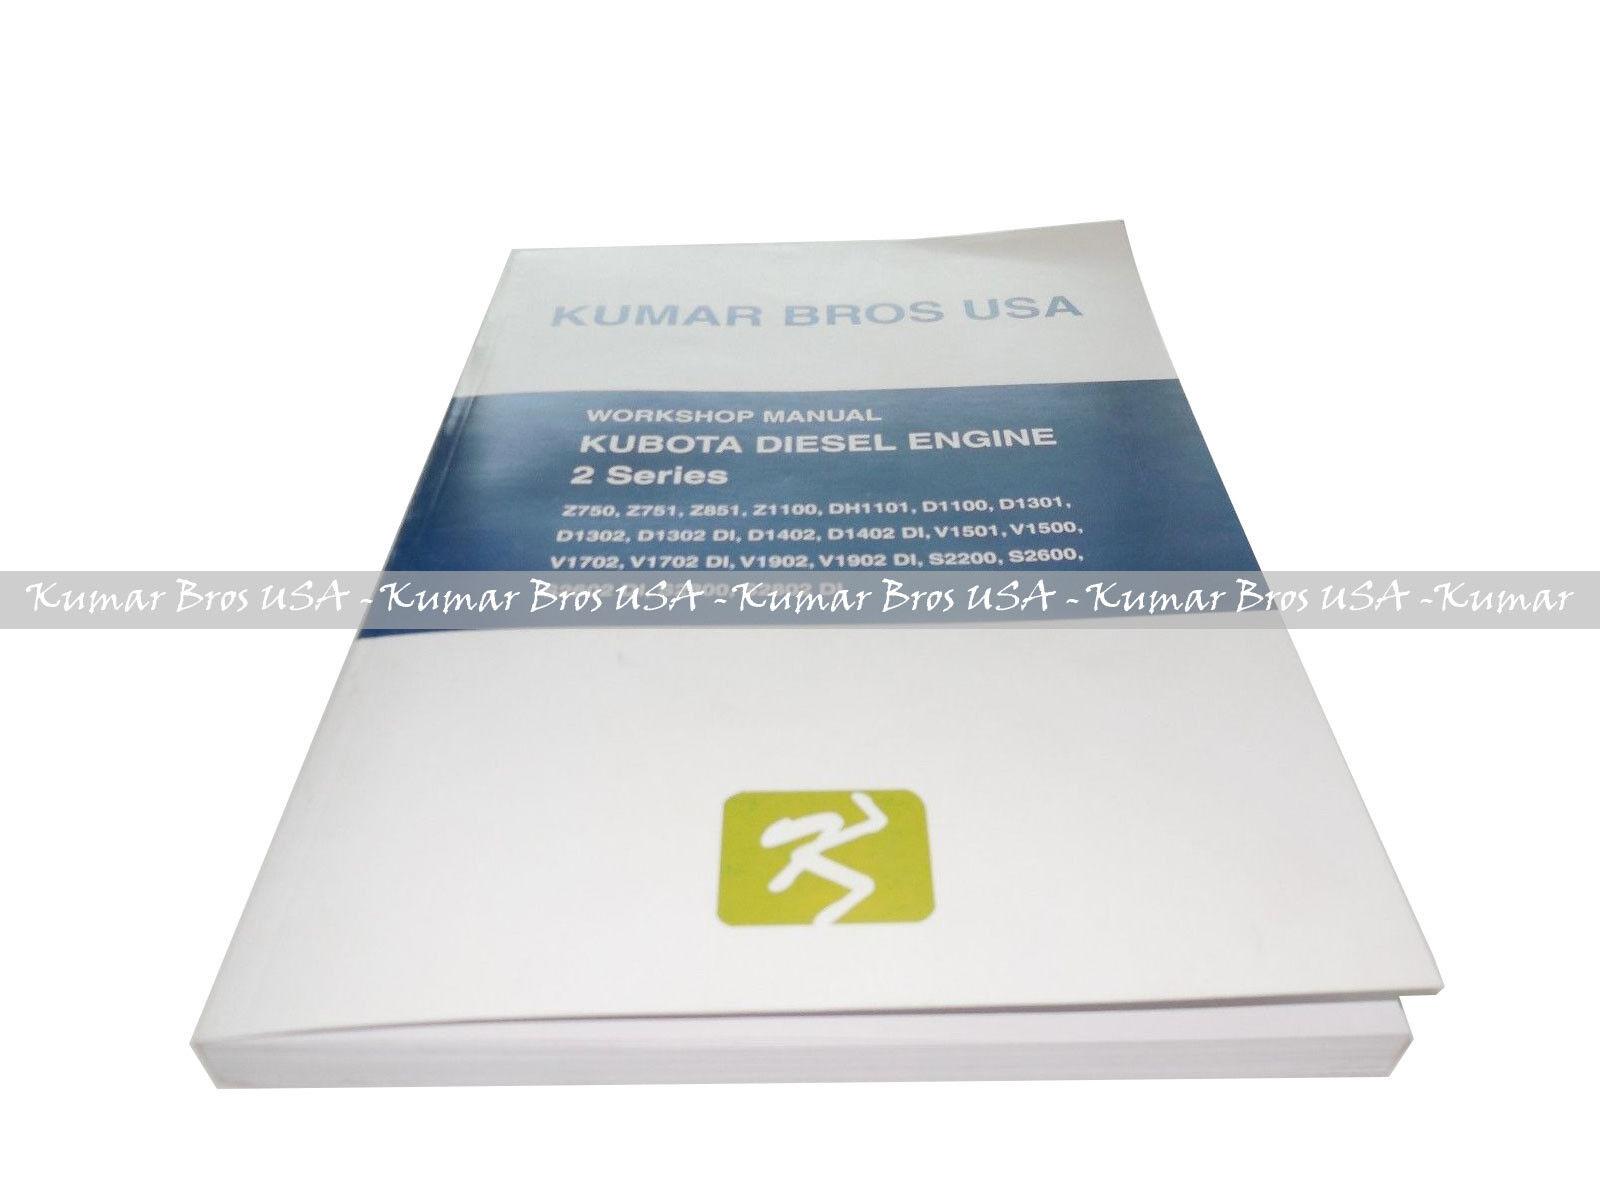 Kubota D1302 Engine Workshop Manual in 3 Languages English French German |  eBay